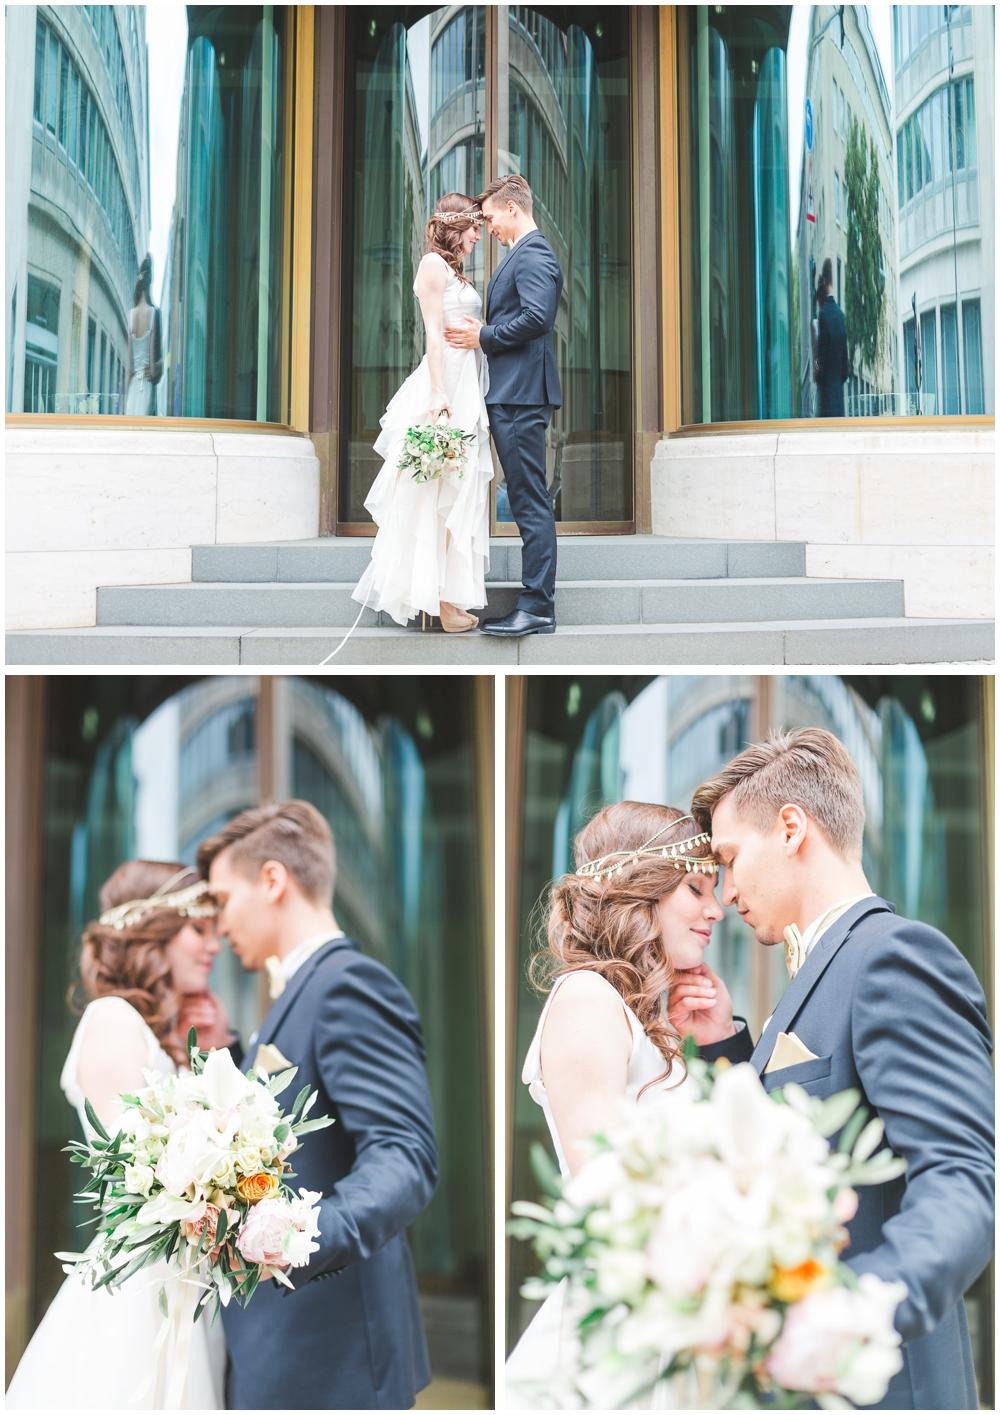 LE HAI LINH Photography-Hochzeitsfotograf-Styledshoot_rzuztu.jpg